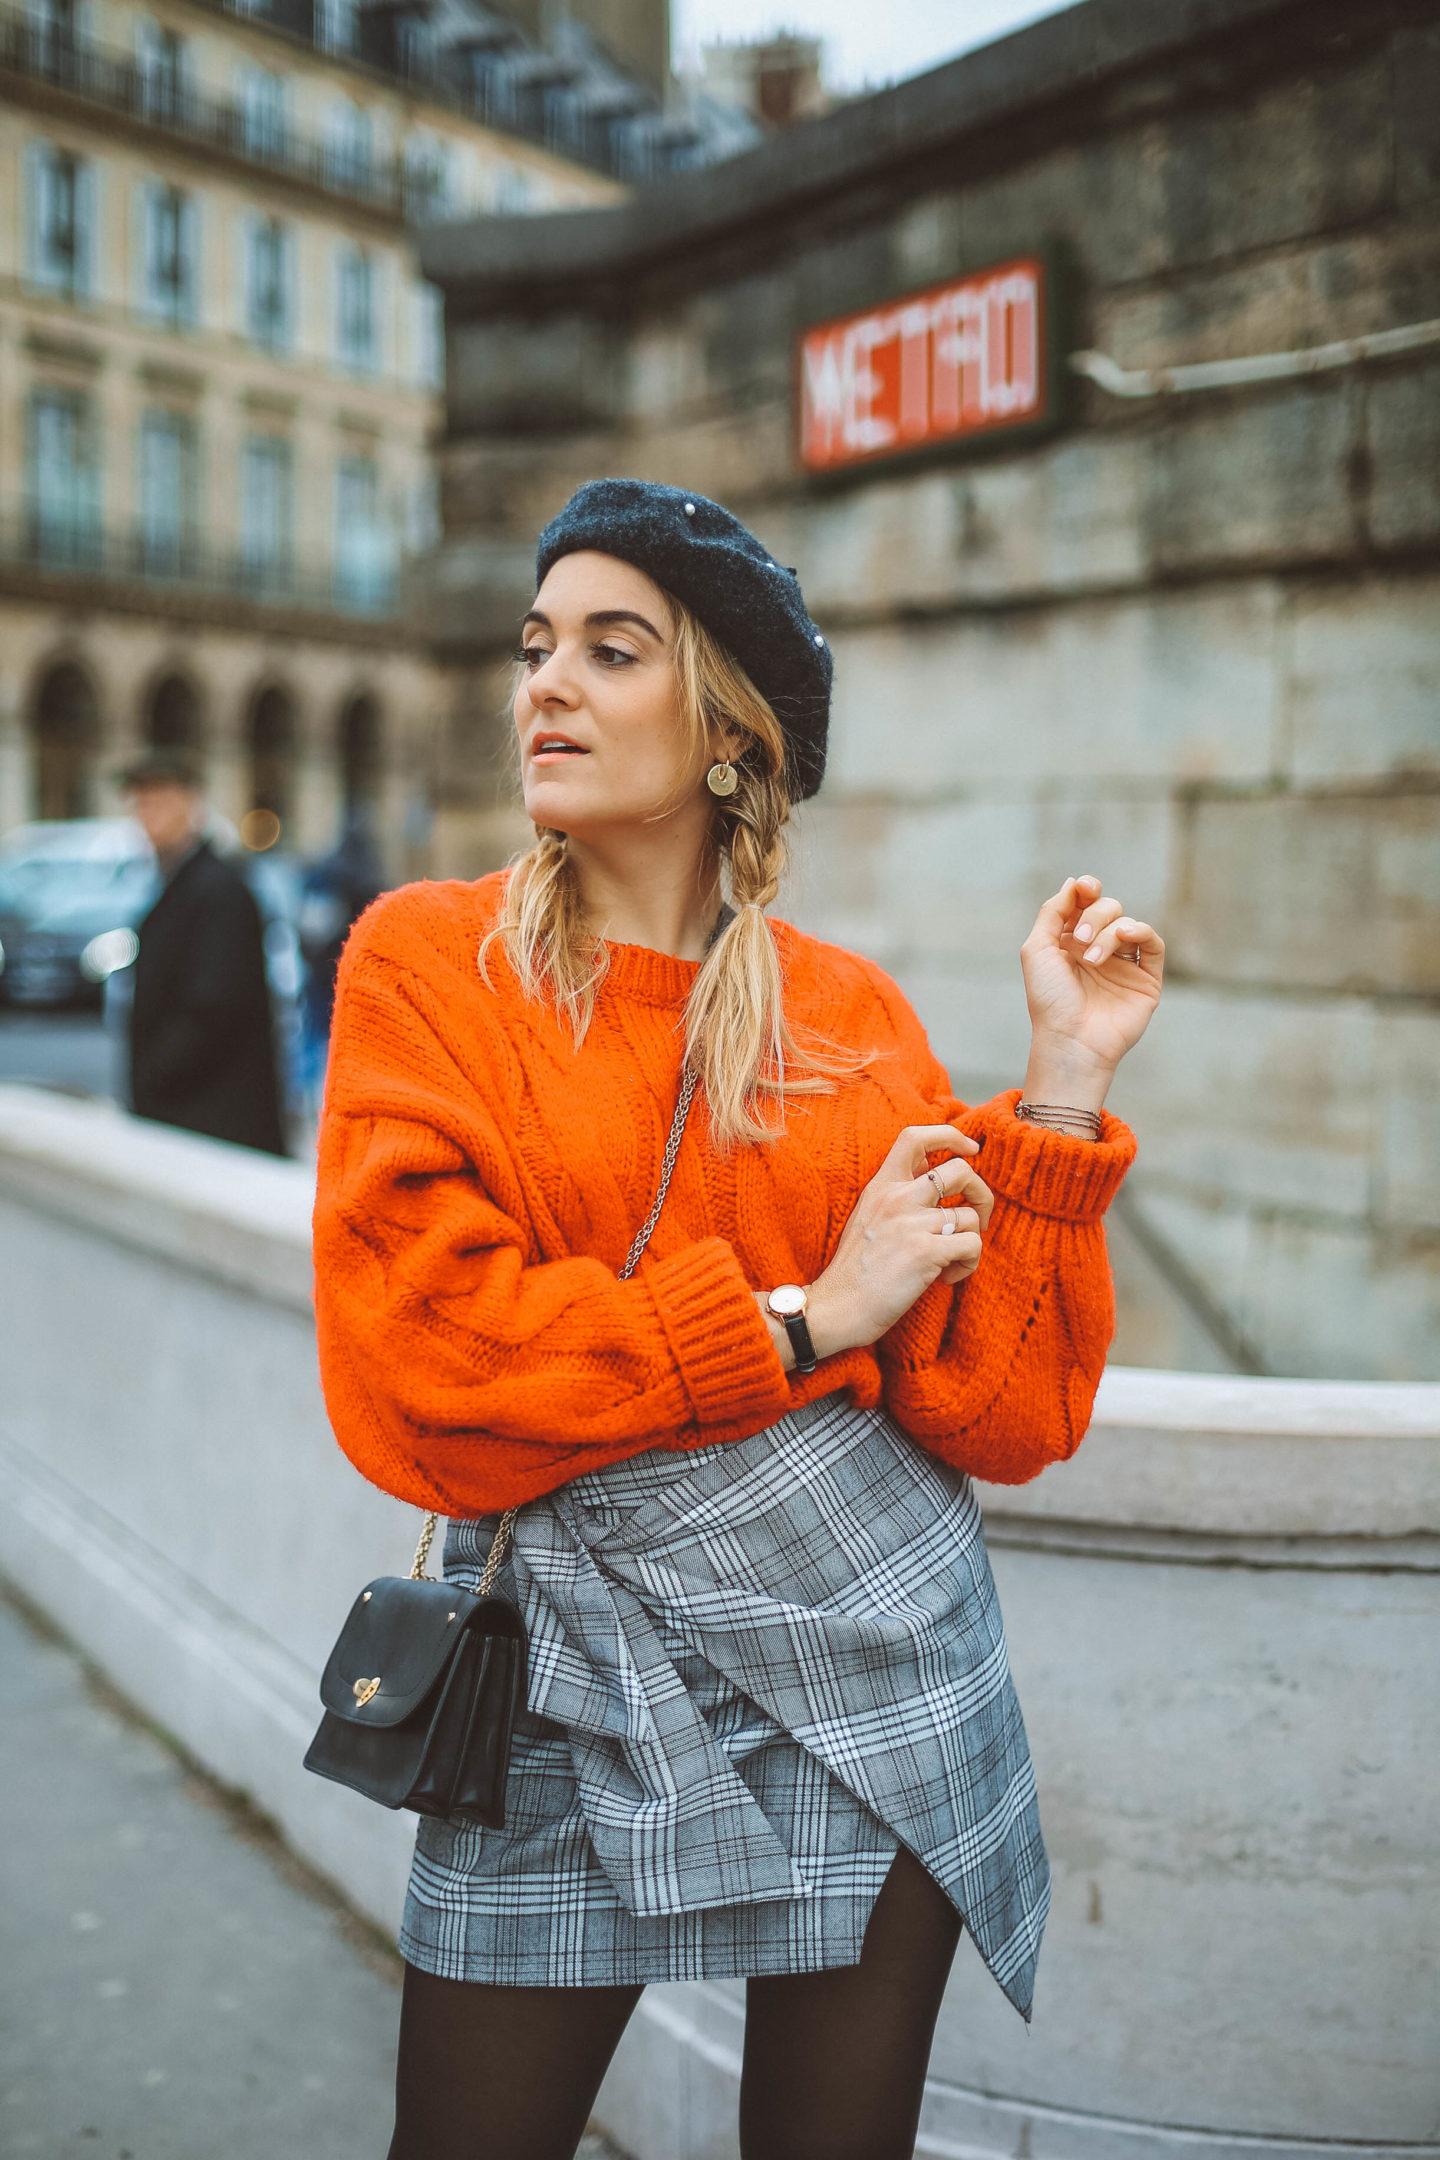 Bérêt Primark - Blondie Baby blog mode et voyages